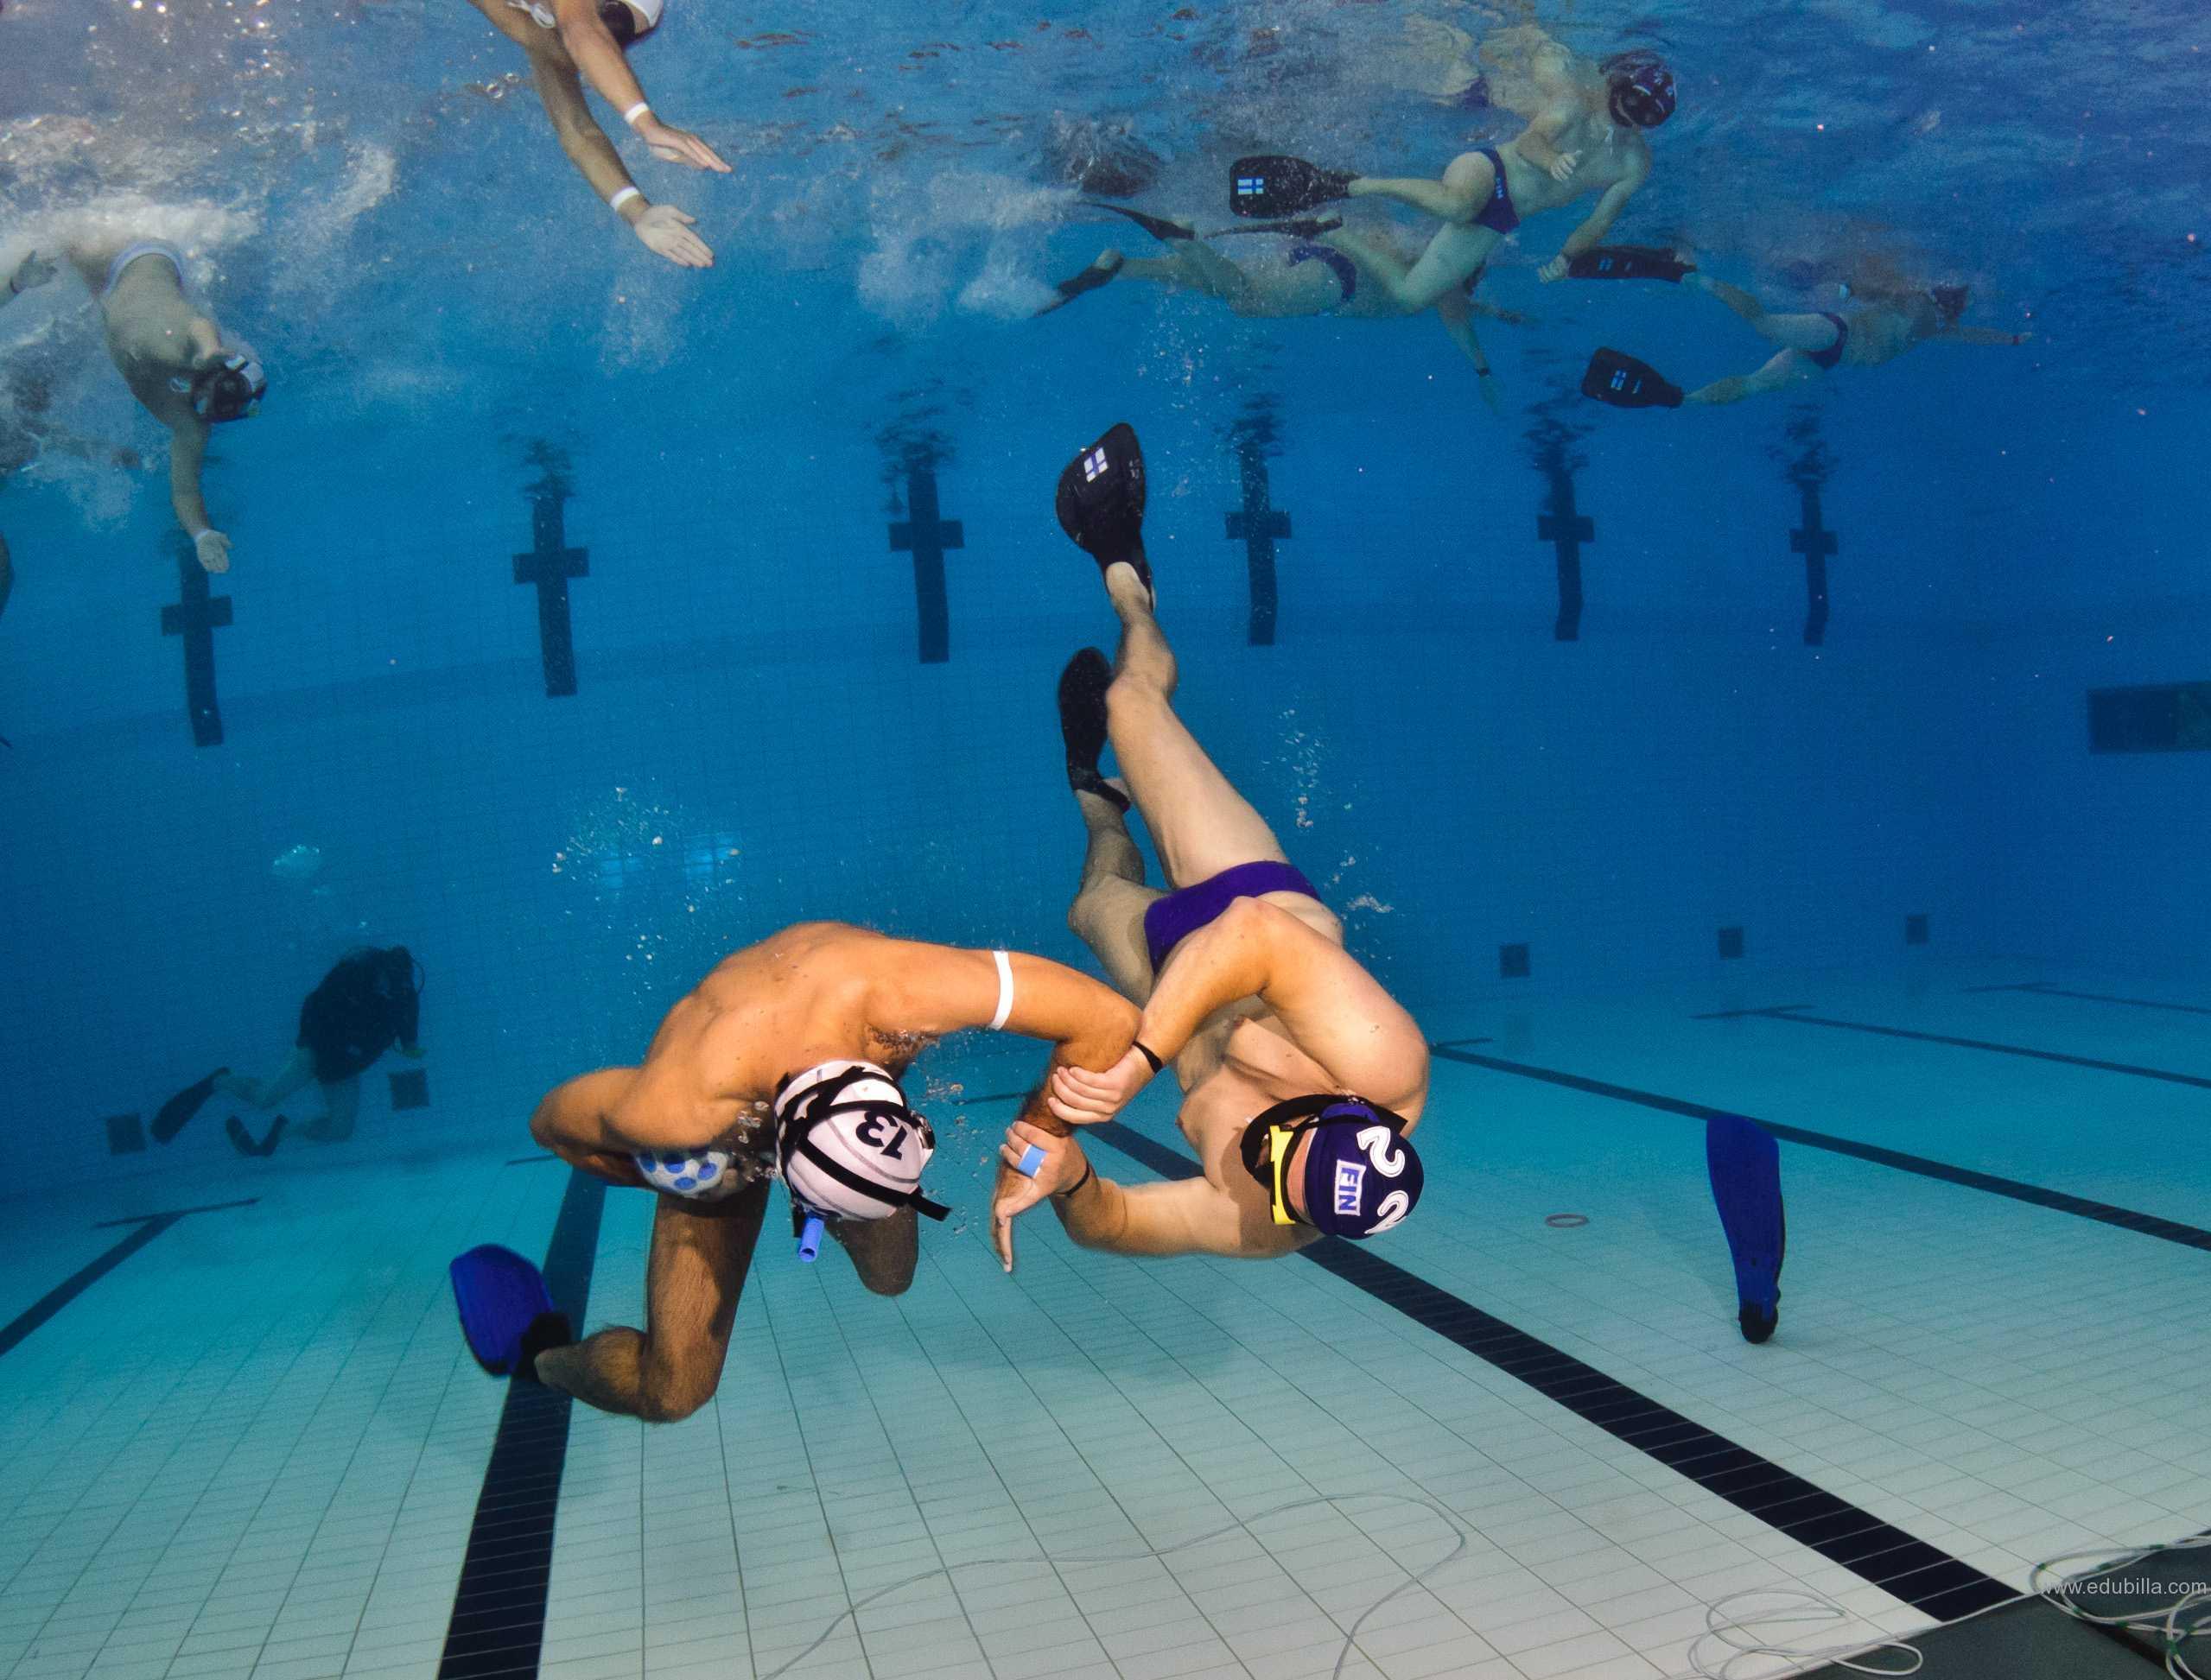 underwaterrugby2.jpg